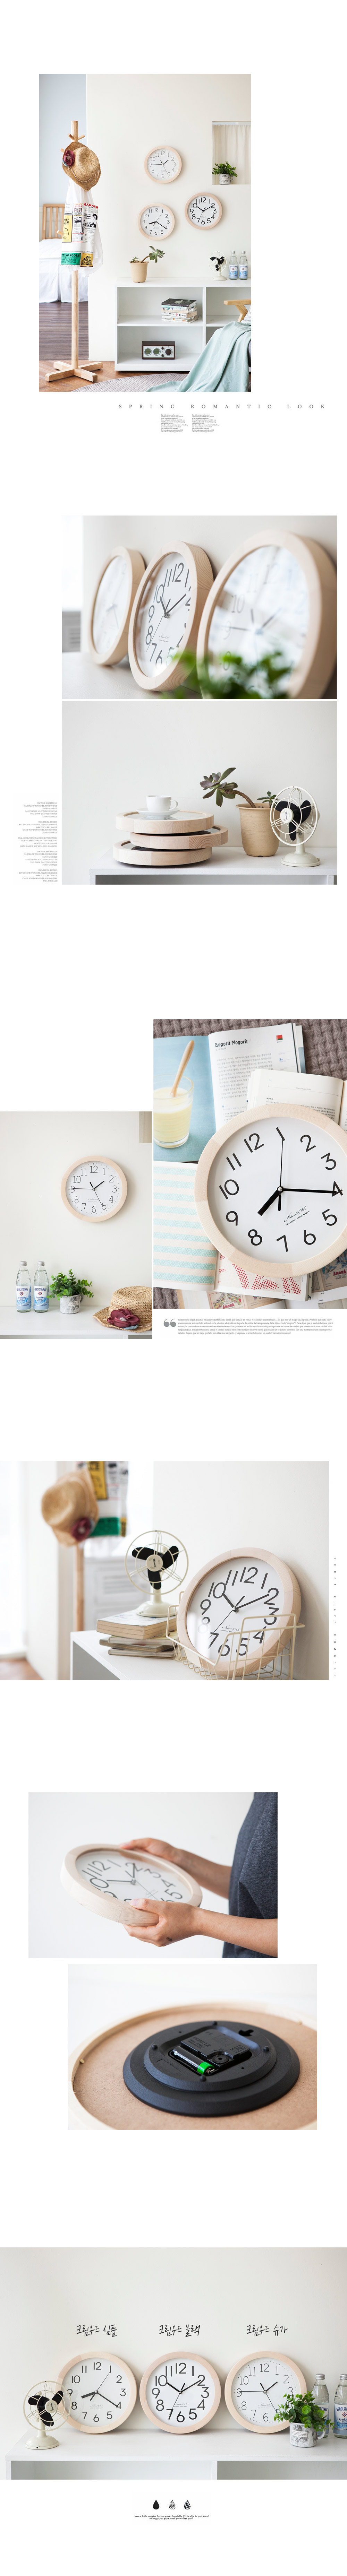 255파이 크림우드 벽시계(슈가) - 안나하우스, 31,000원, 벽시계, 우드벽시계